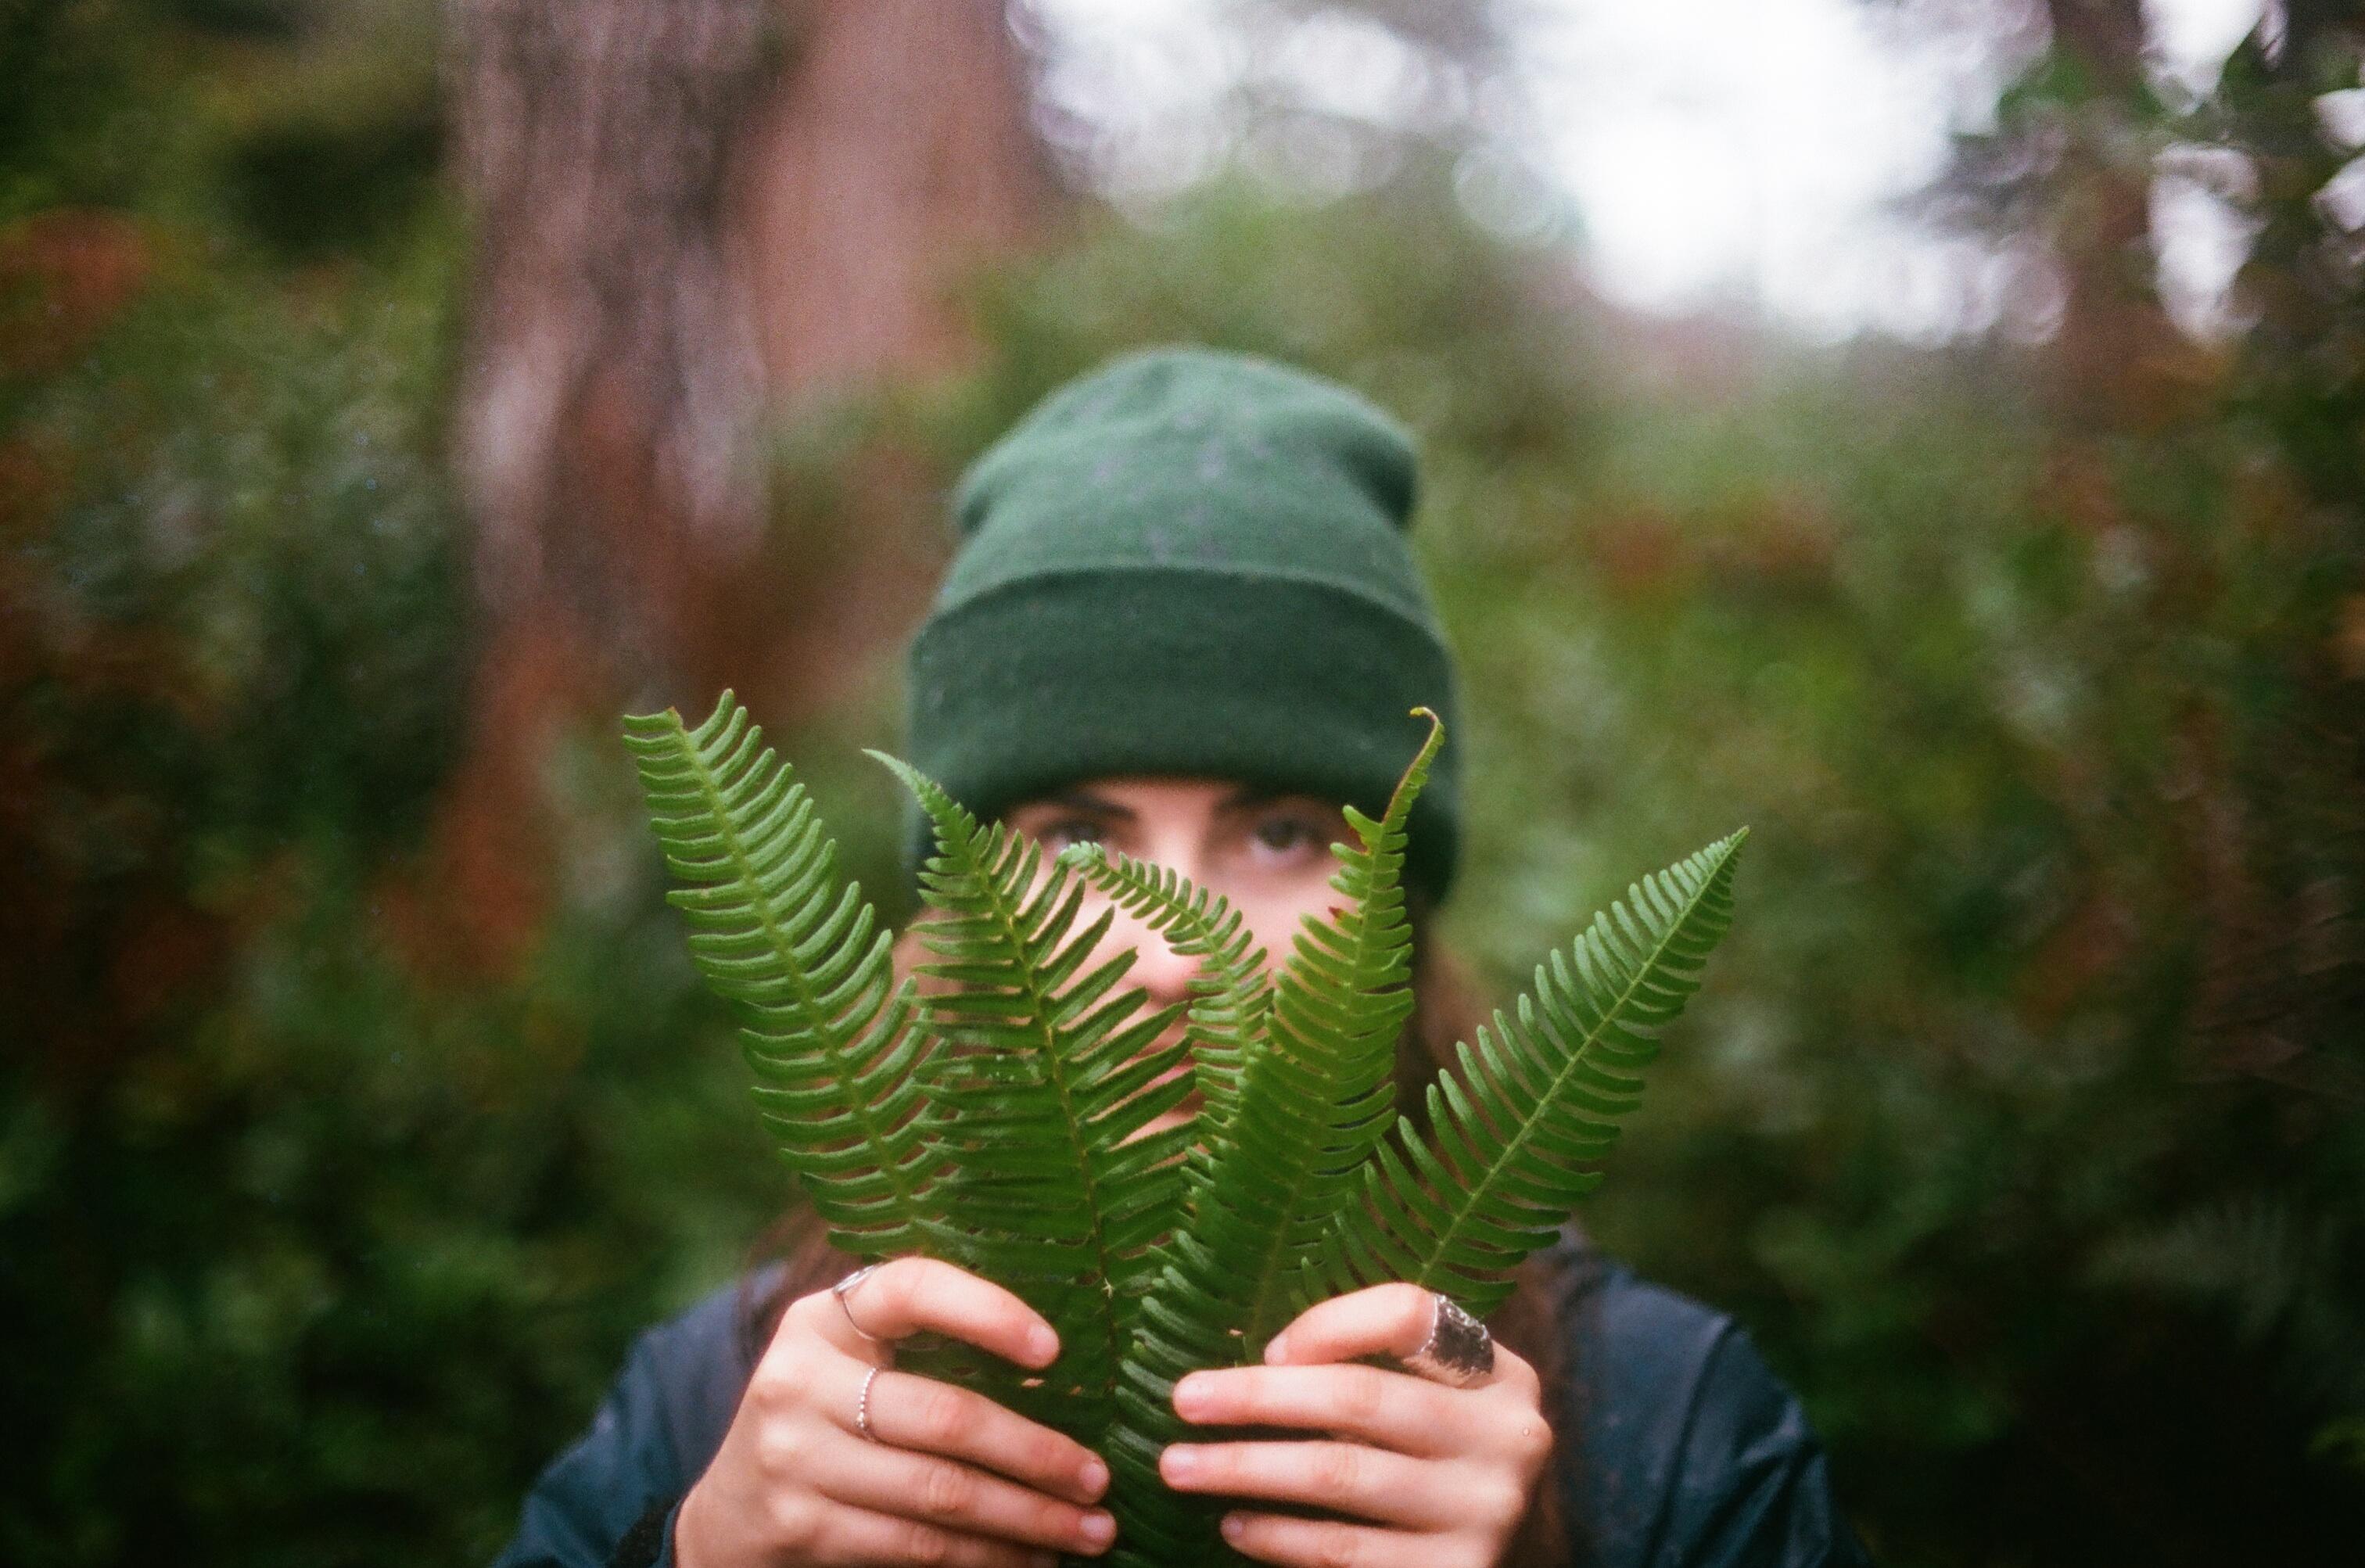 картинки человека с растениями получается фантастическим, потому